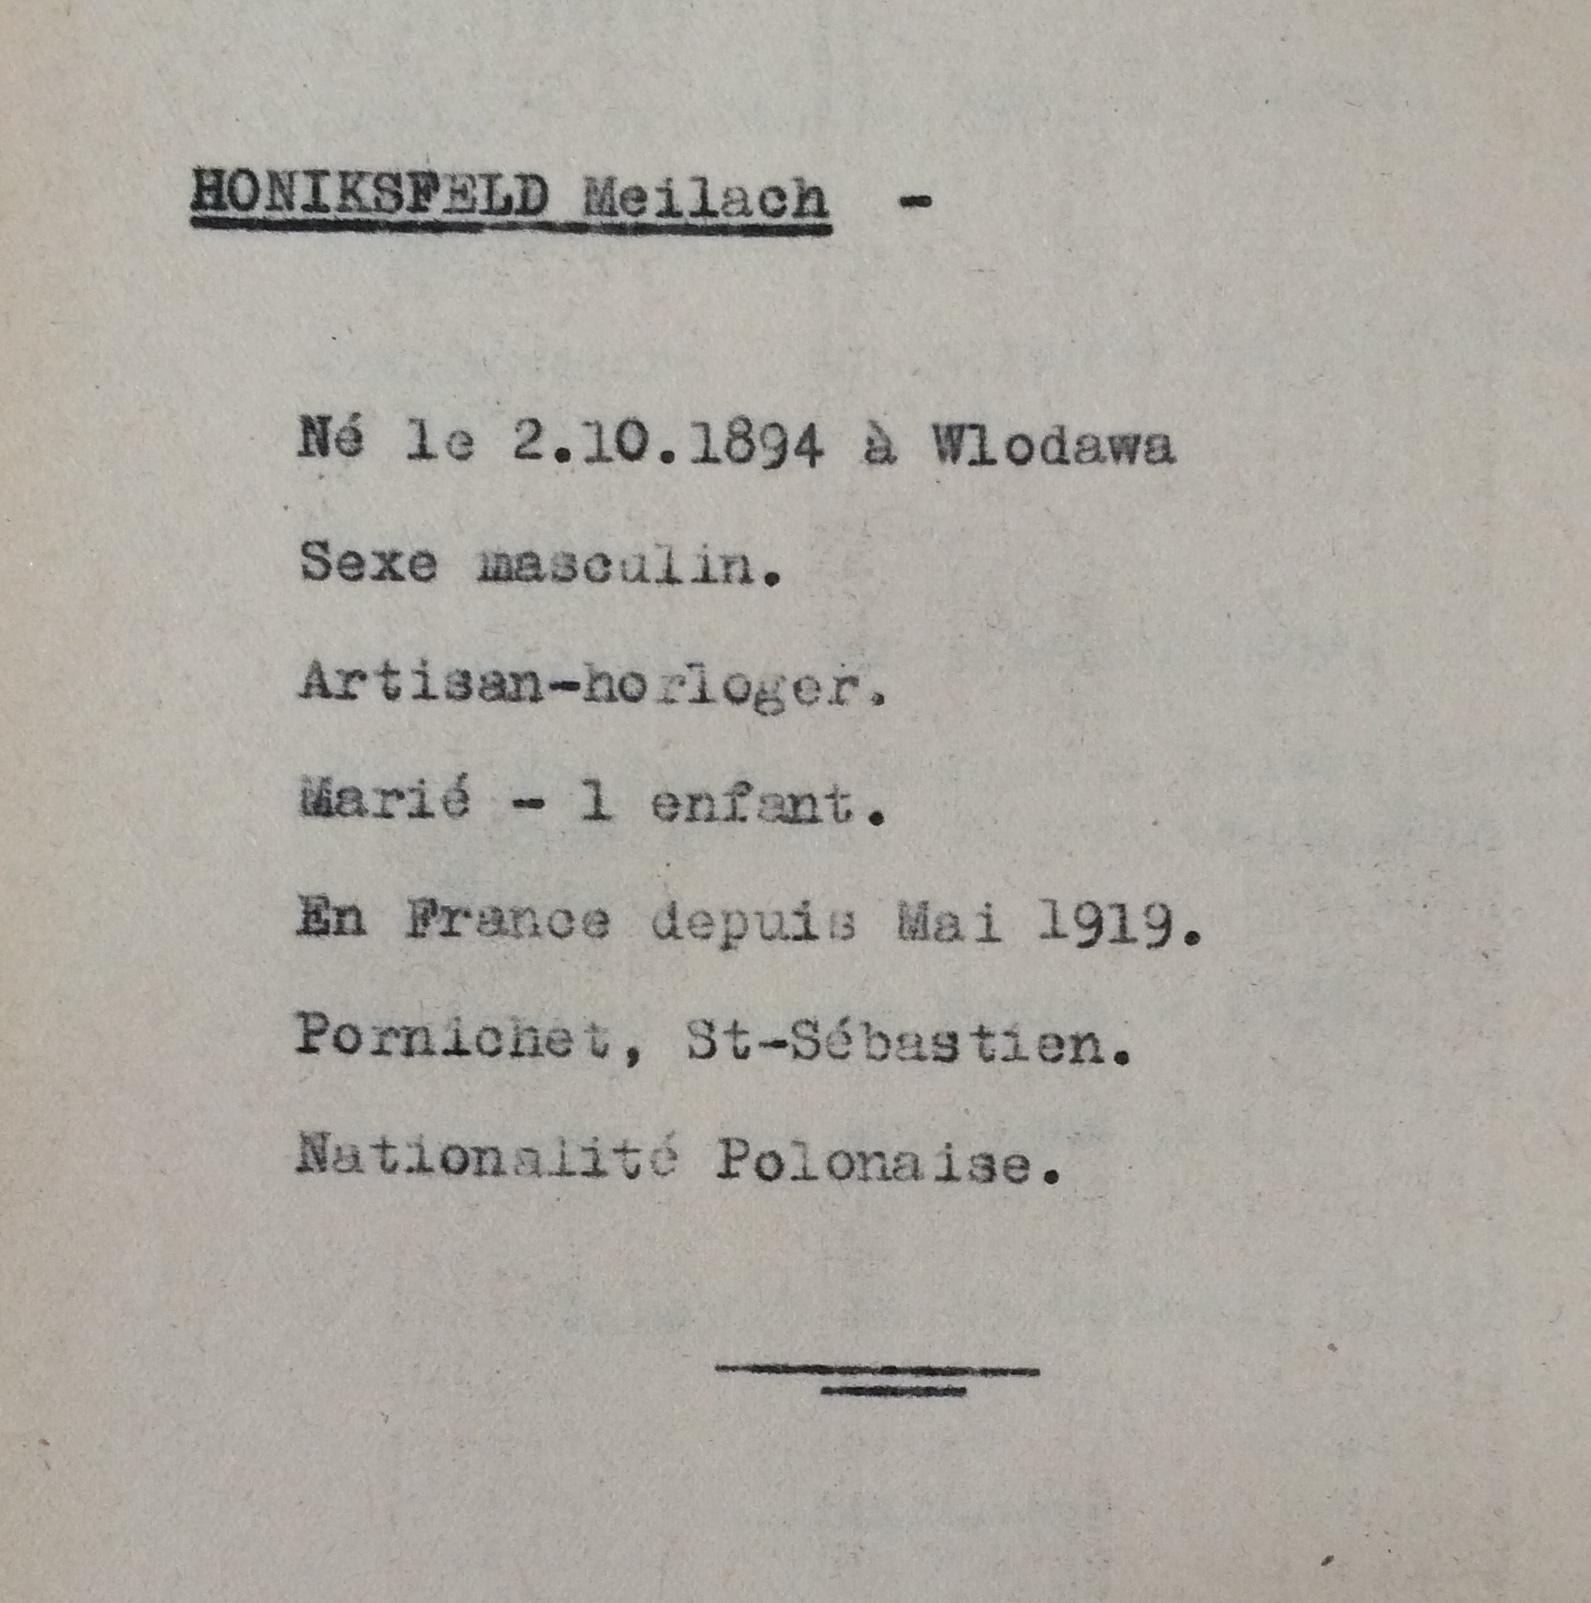 Etat des Polonais, Slovaques, Autrichiens, Allemands, sans date [ADLA 1694W25]